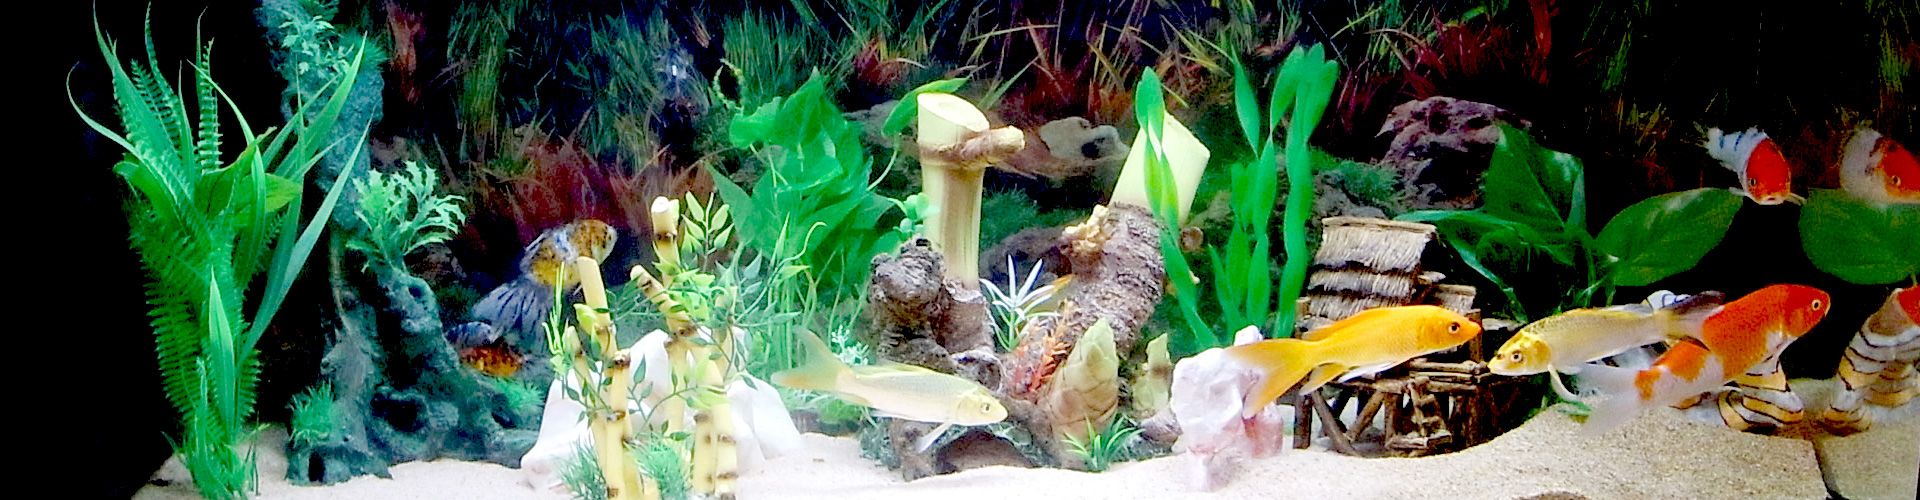 Vendita pesci rossi torino d 39 acqua fredda e da laghetto for Piante da laghetto ossigenanti